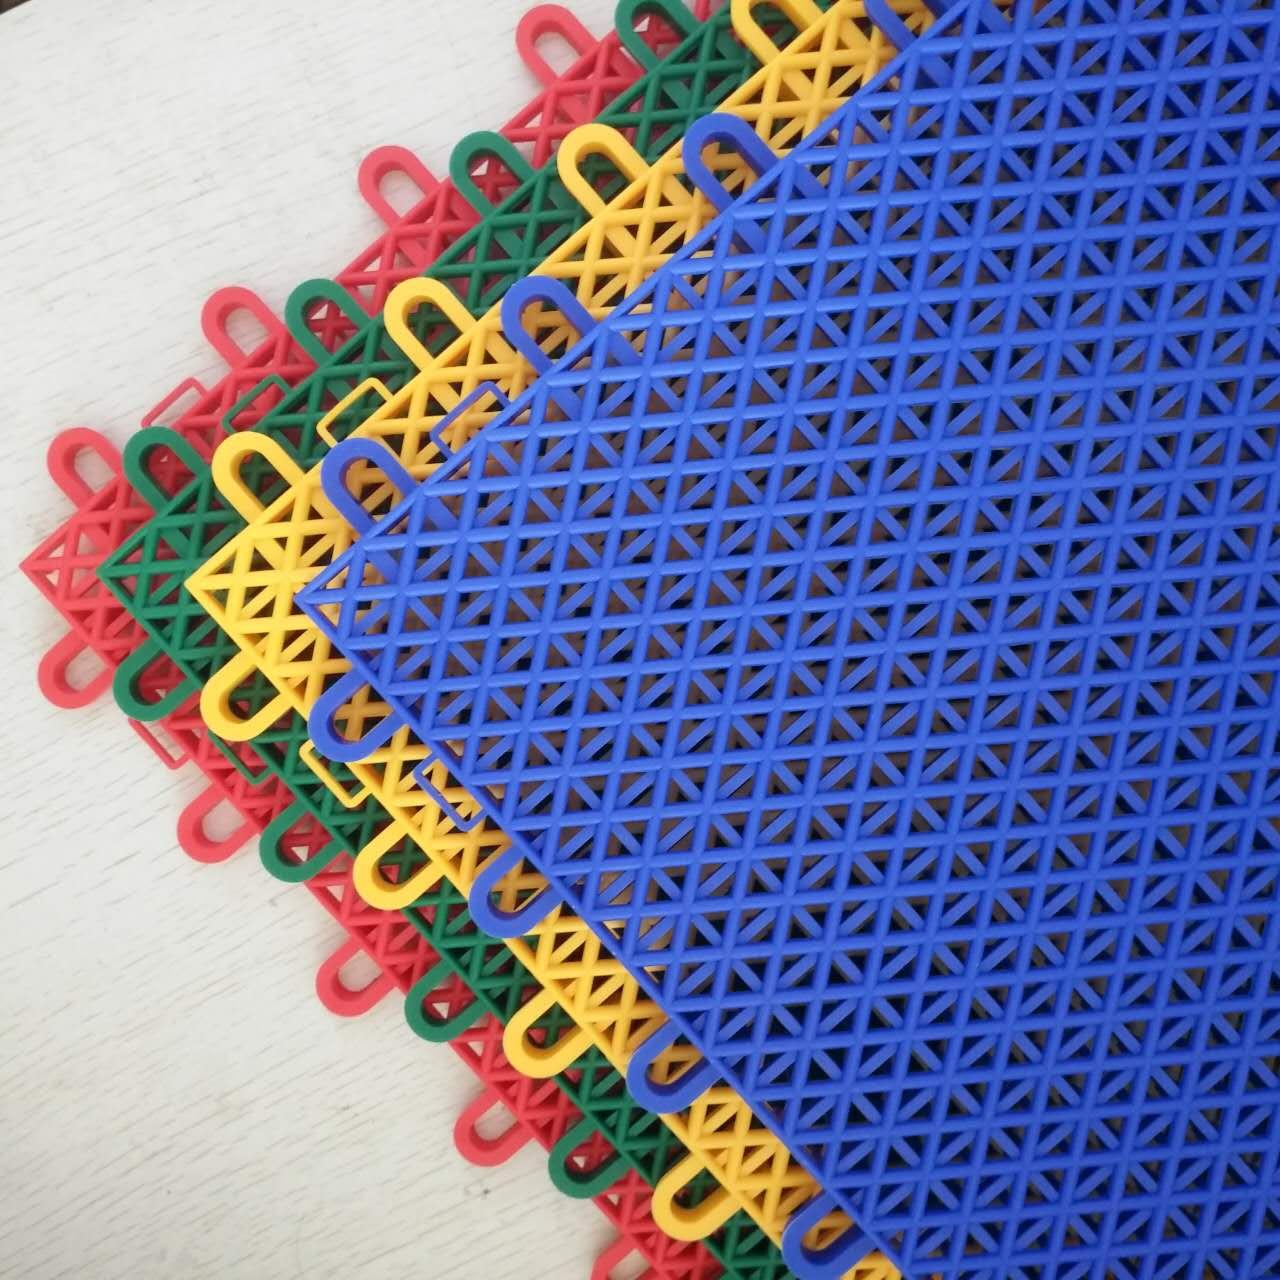 双层米格(菱形)-悬浮式拼装地板